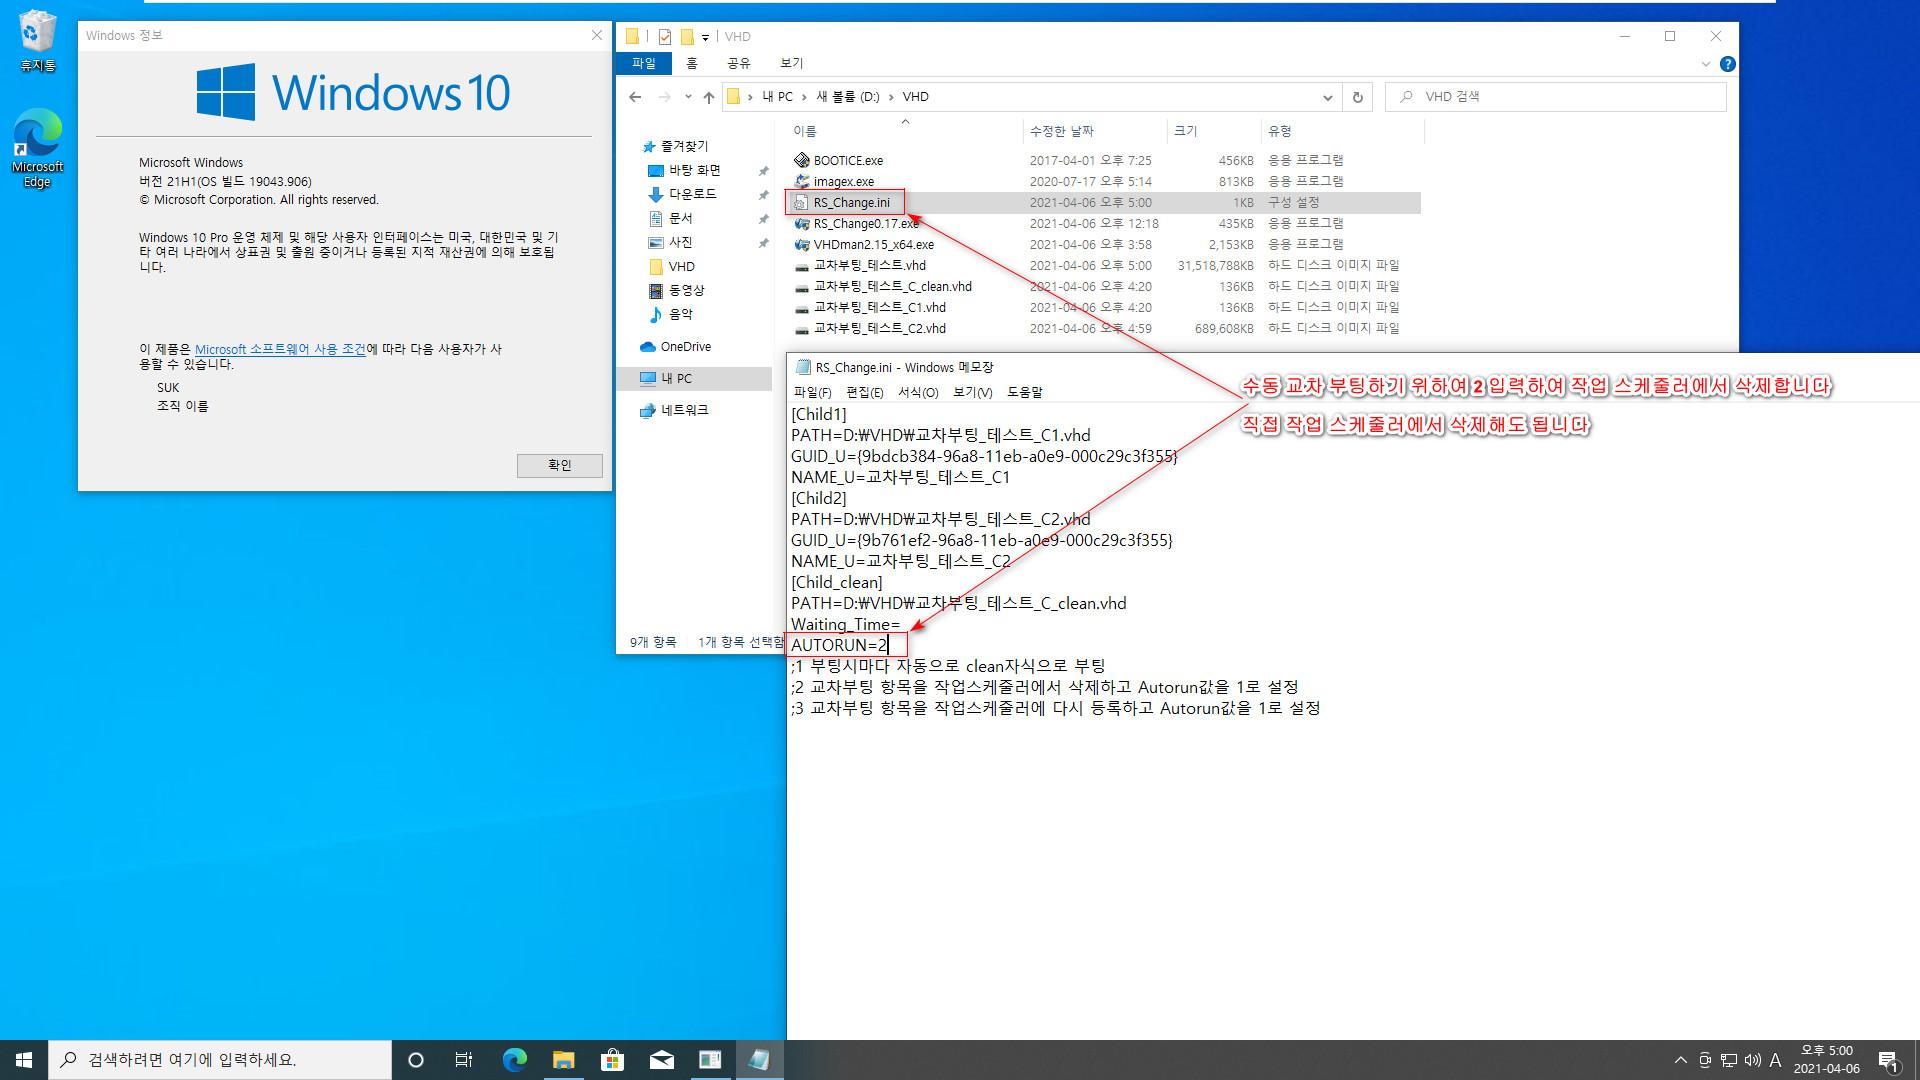 VHDman2.15으로 교차 부팅 테스트 2021-04-06_170047.jpg